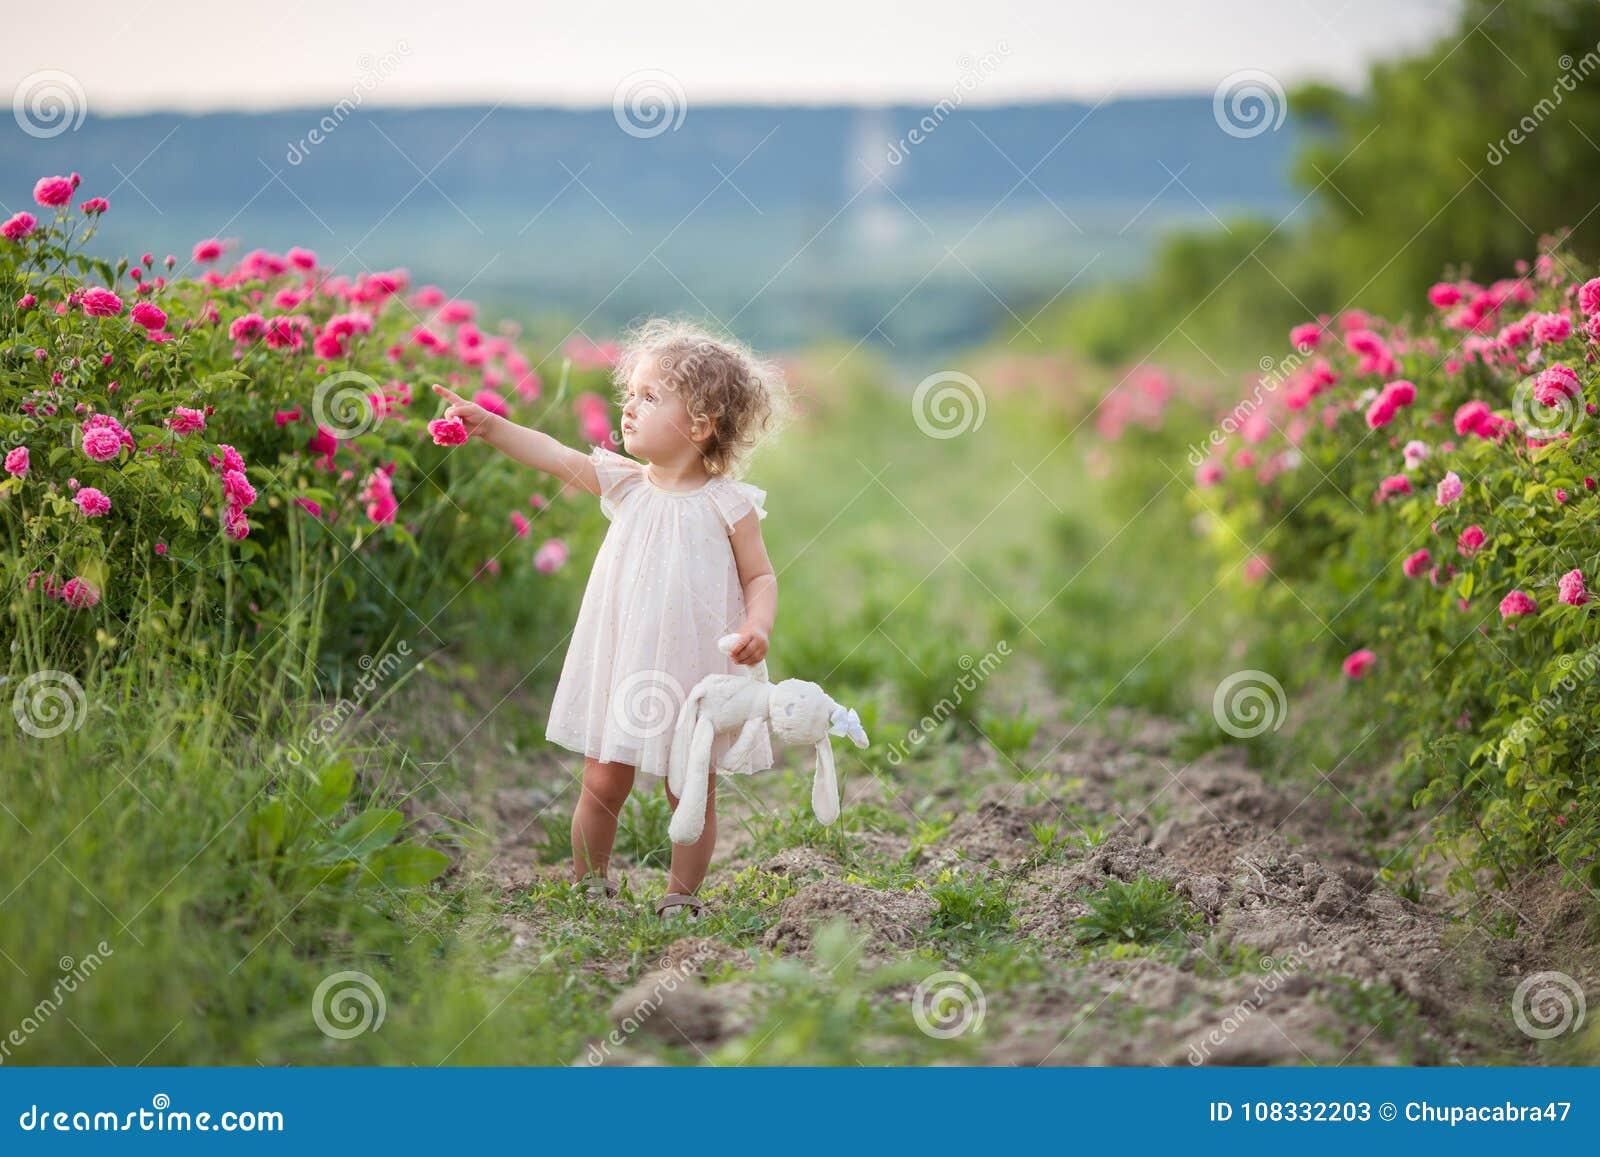 La fille assez boucl e d 39 enfant marche au printemps jardin - Fleurs roses de printemps ...